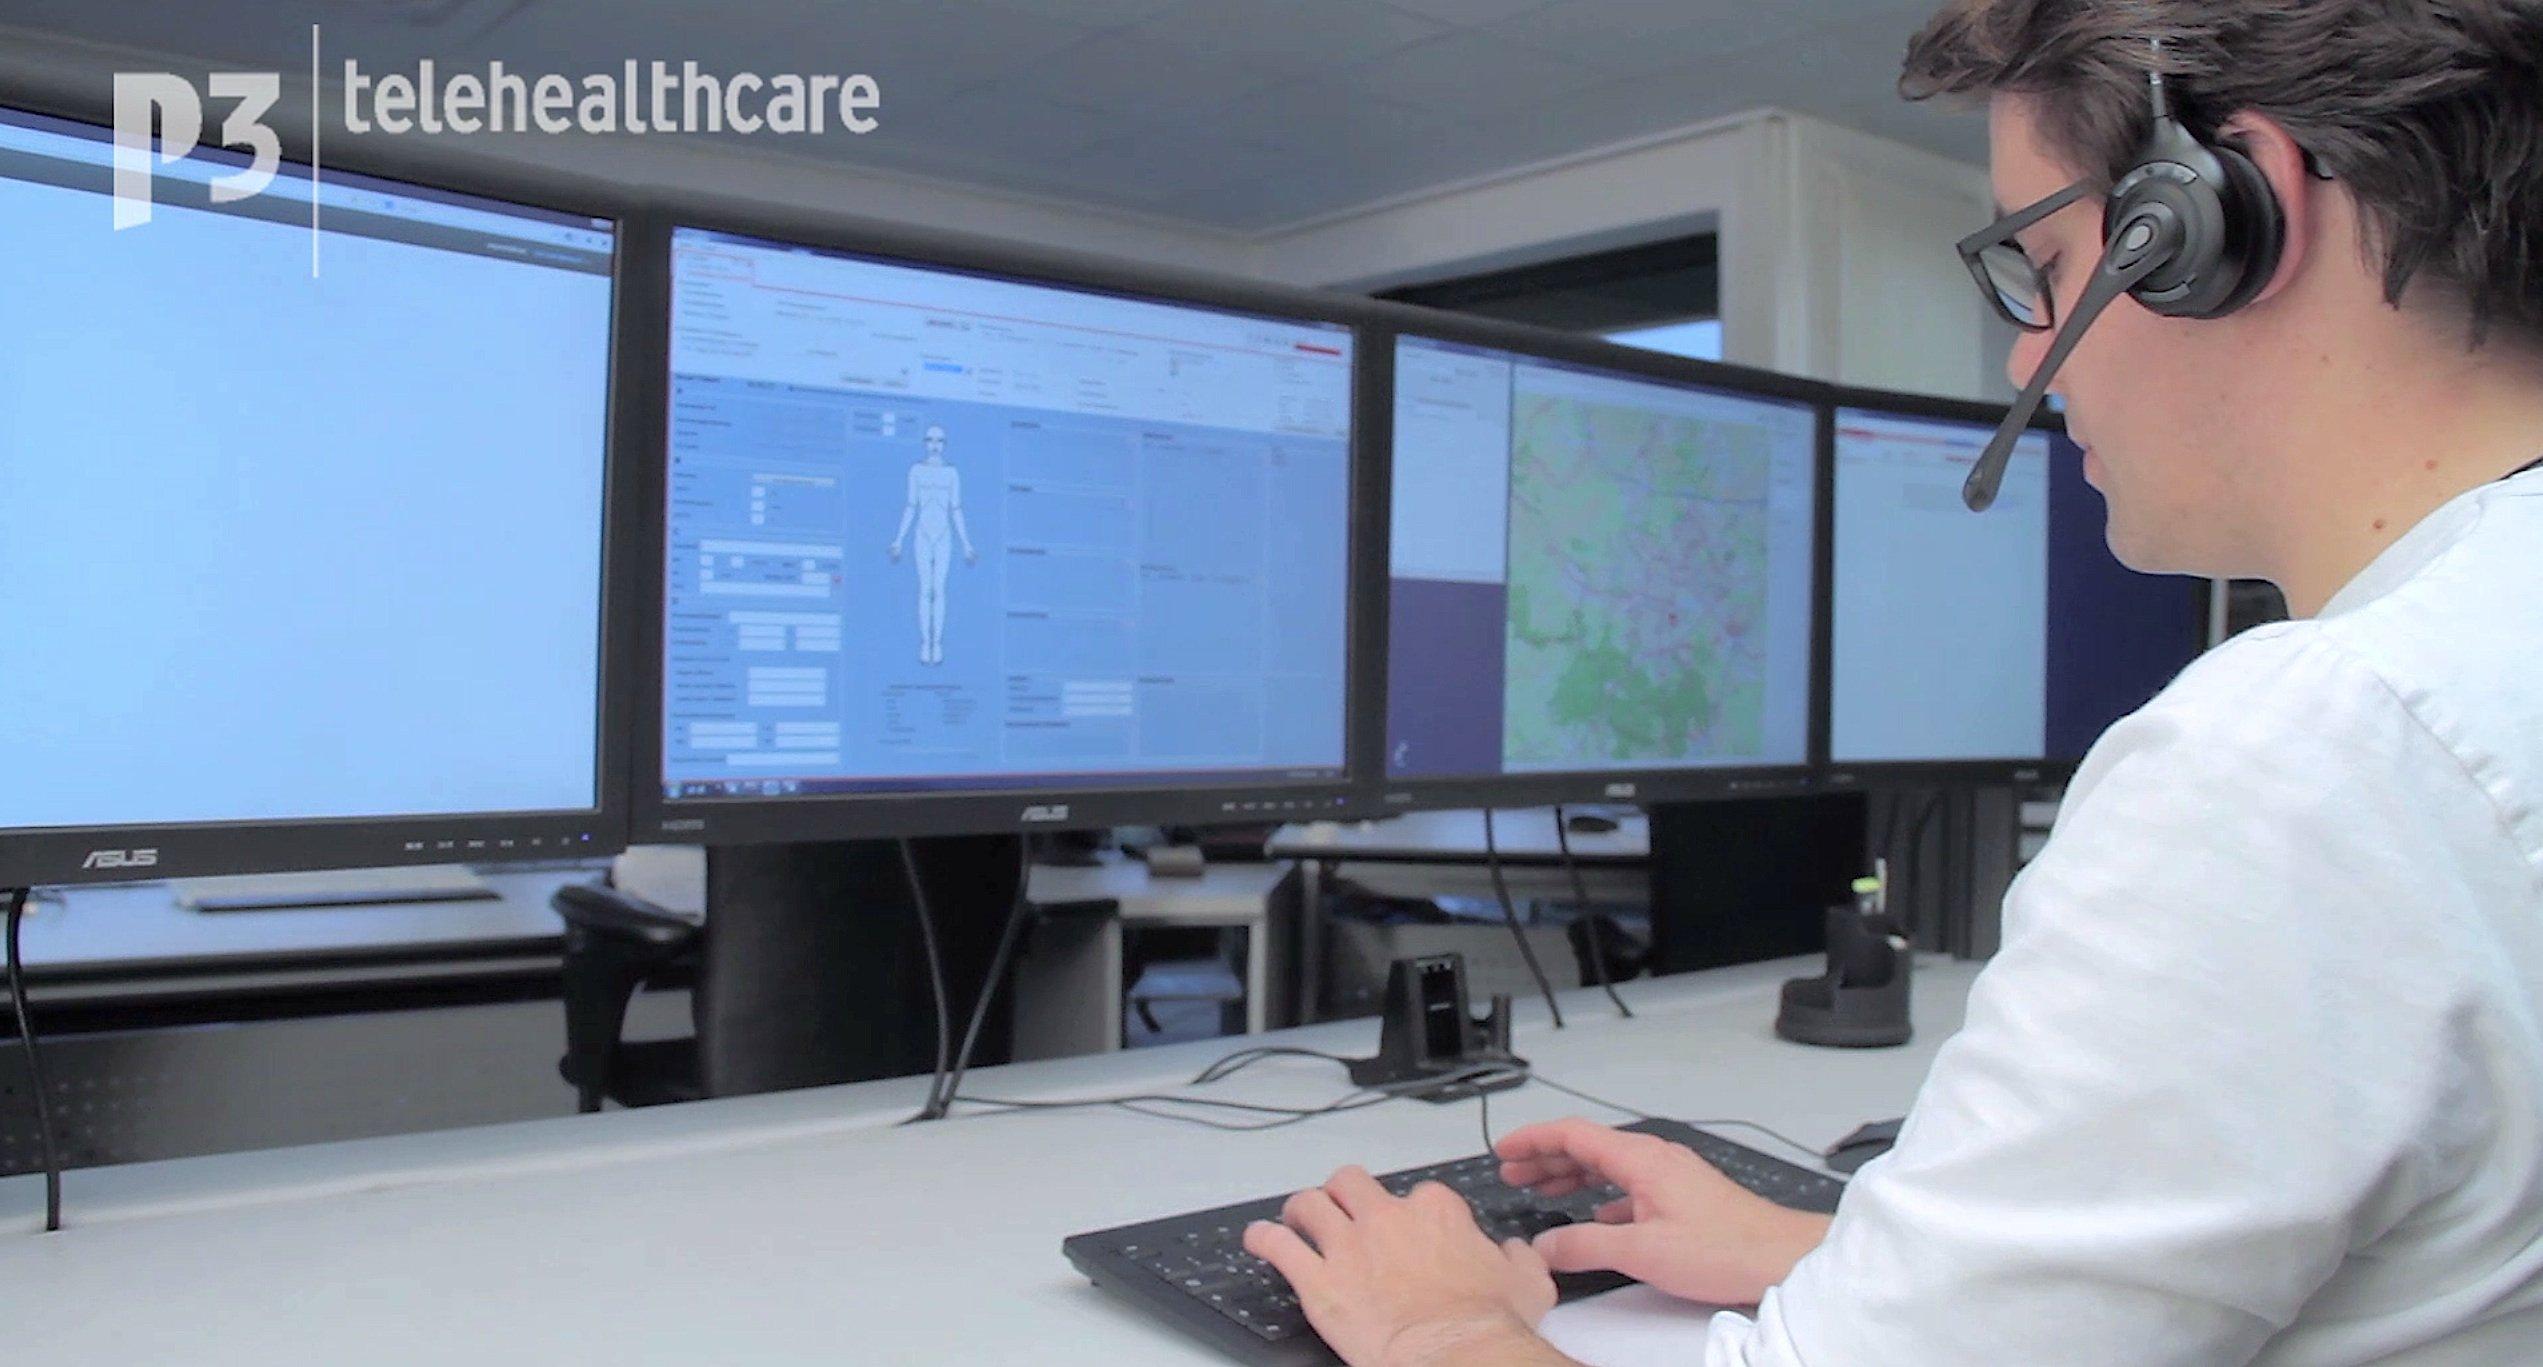 Aachener Telenotarzt in der Notfallzentrale: Rettungssanitäter können den Arzt über Funk hinzuziehen und so schon früher mit der Notfallbehandlung der Patienten beginnen. Auf dem Bildschirm hat der Telenotarzt Zugriff auf die aktuellen Patientendaten wie Blutdruck und Herzfrequenz.